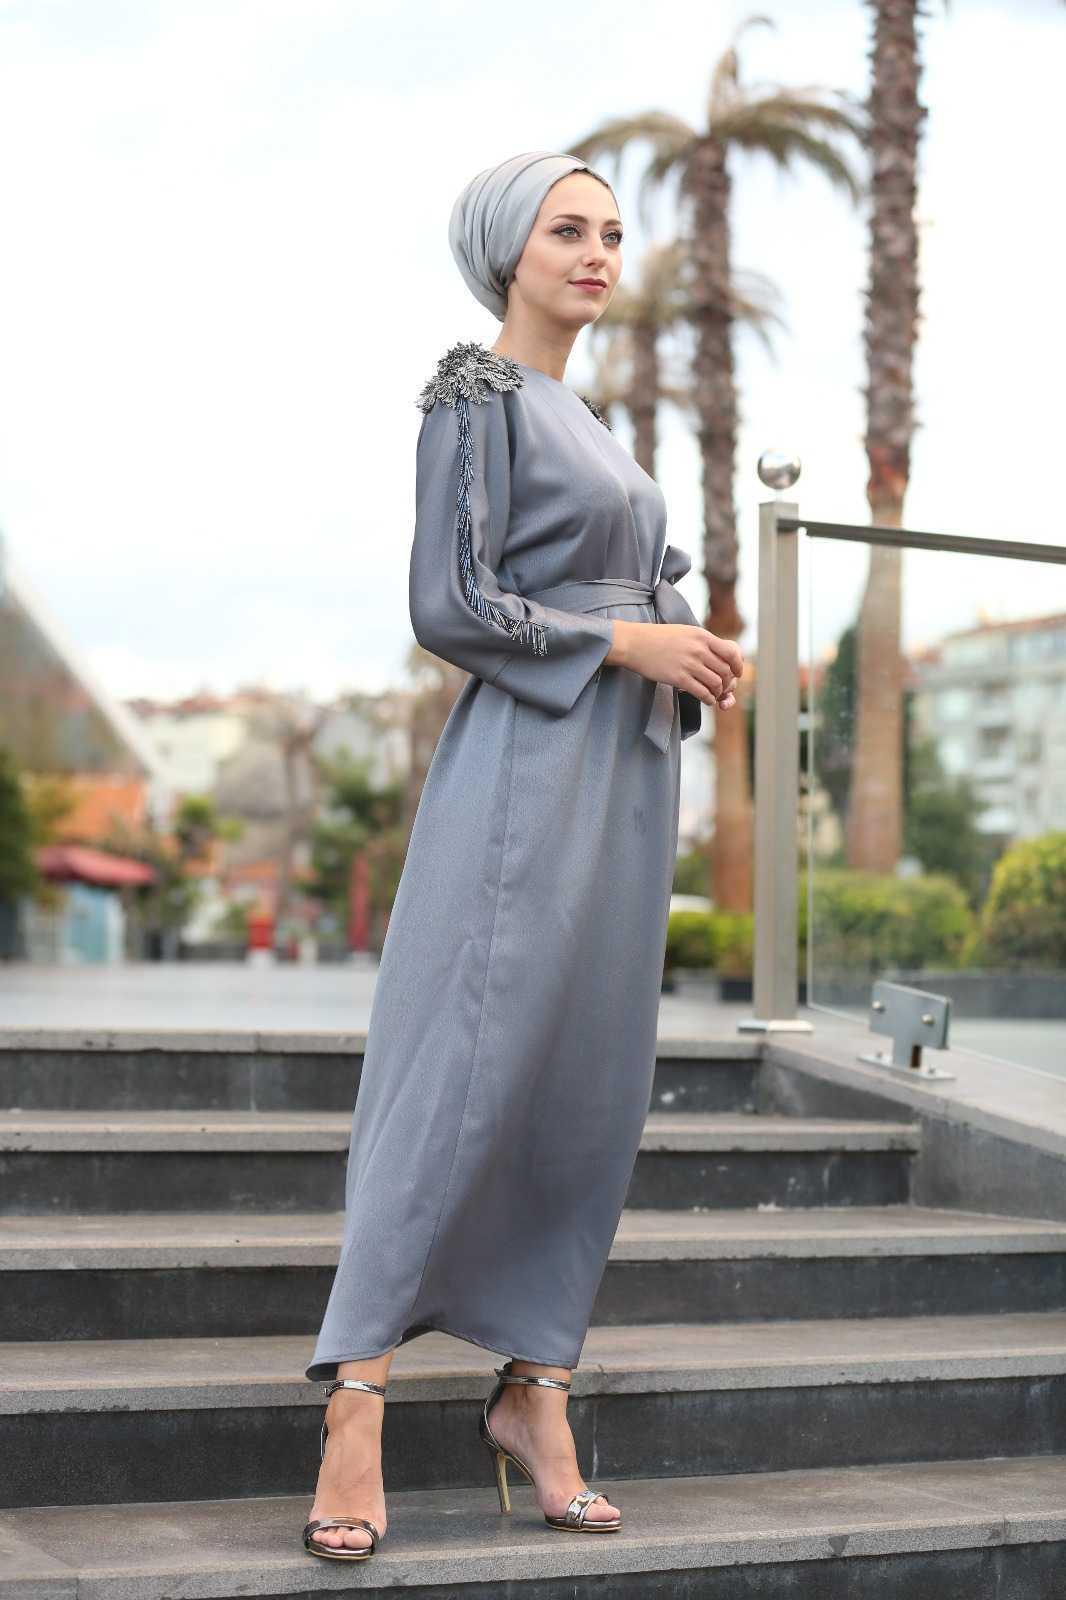 Hilal Atalay Tesettür Apoletli Elbise Modelleri